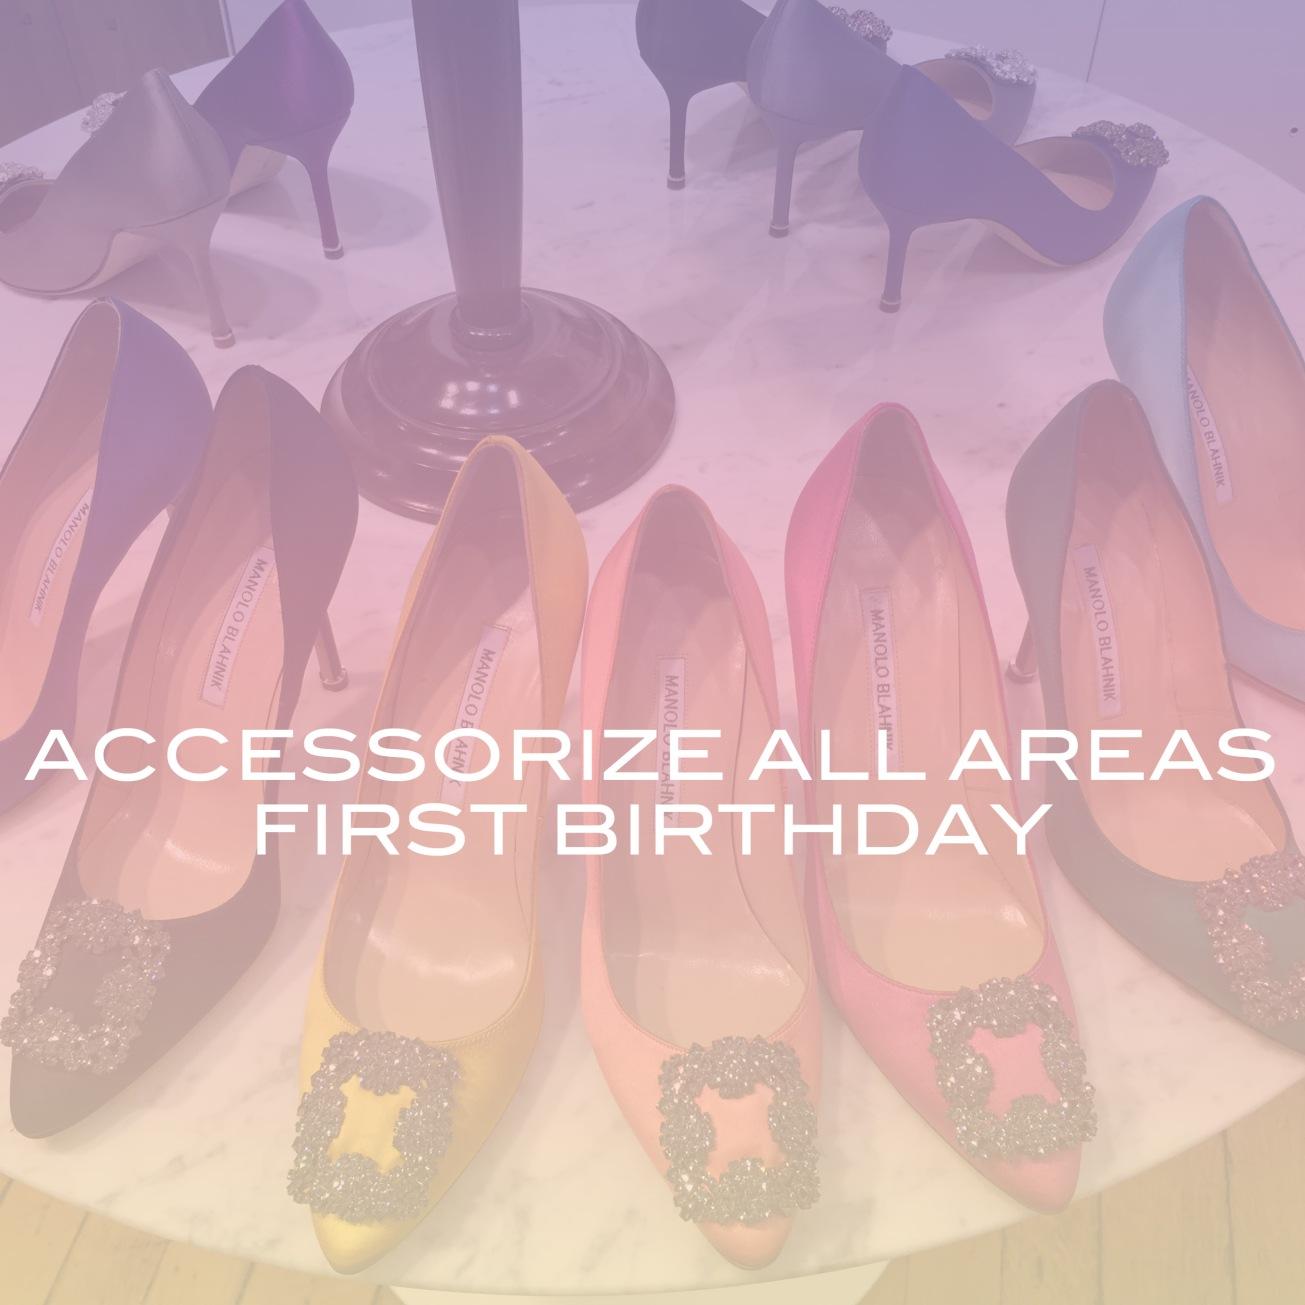 AAA First Birthday